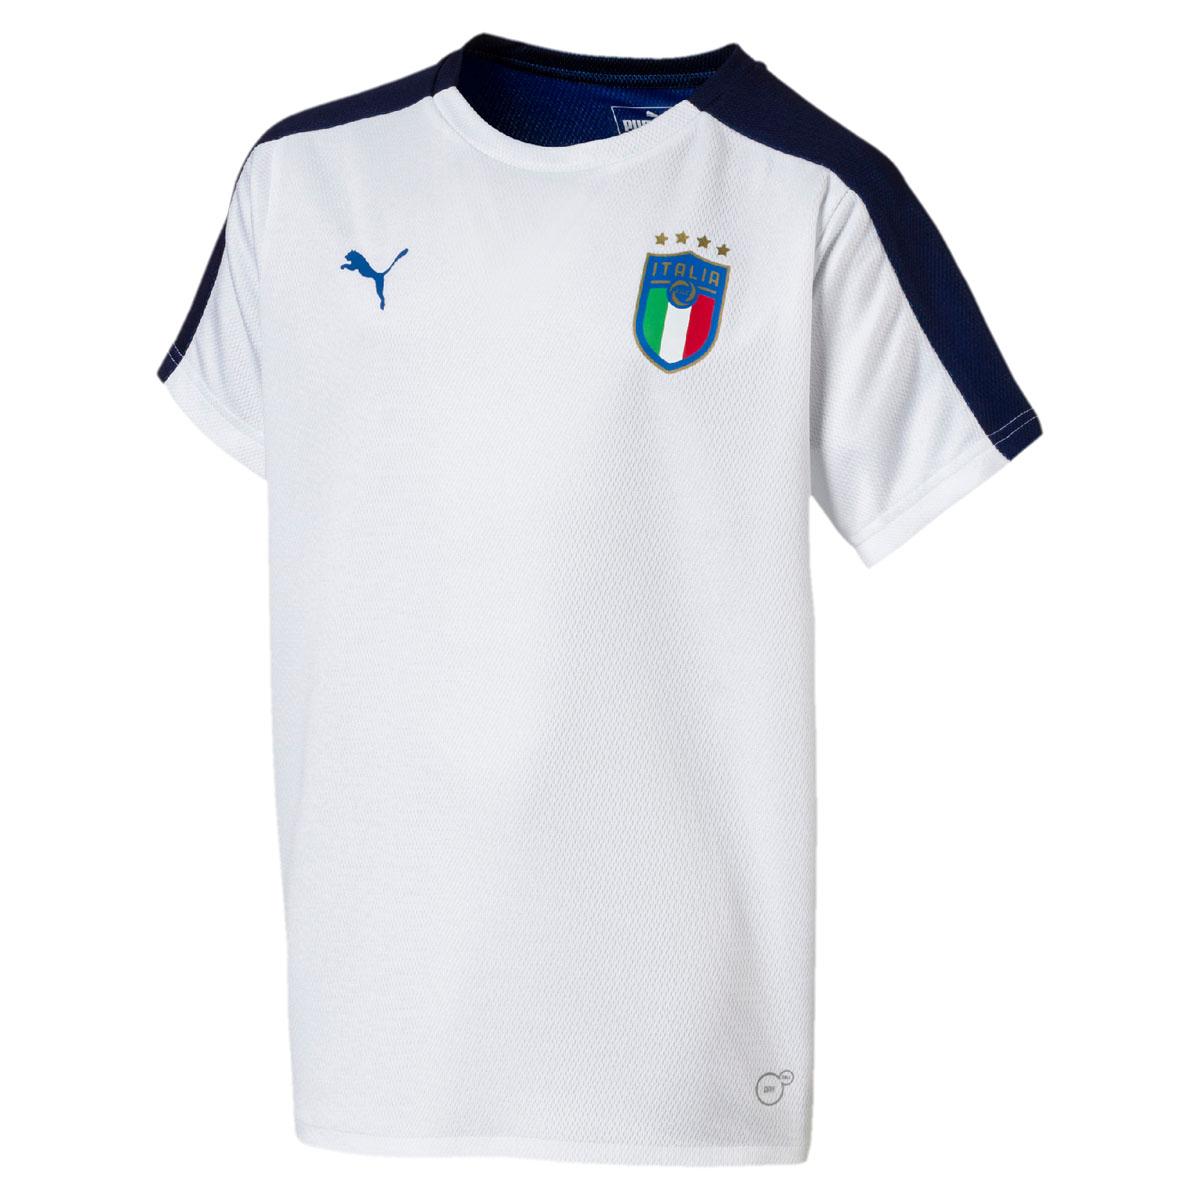 Футболка для мальчика Puma FIGC Italia Jersey SS Jr, цвет: белый. 753102027. Размер 164 бейсболка для мальчика puma minions suede flatbrim jr цвет черный 02147701 размер универсальный